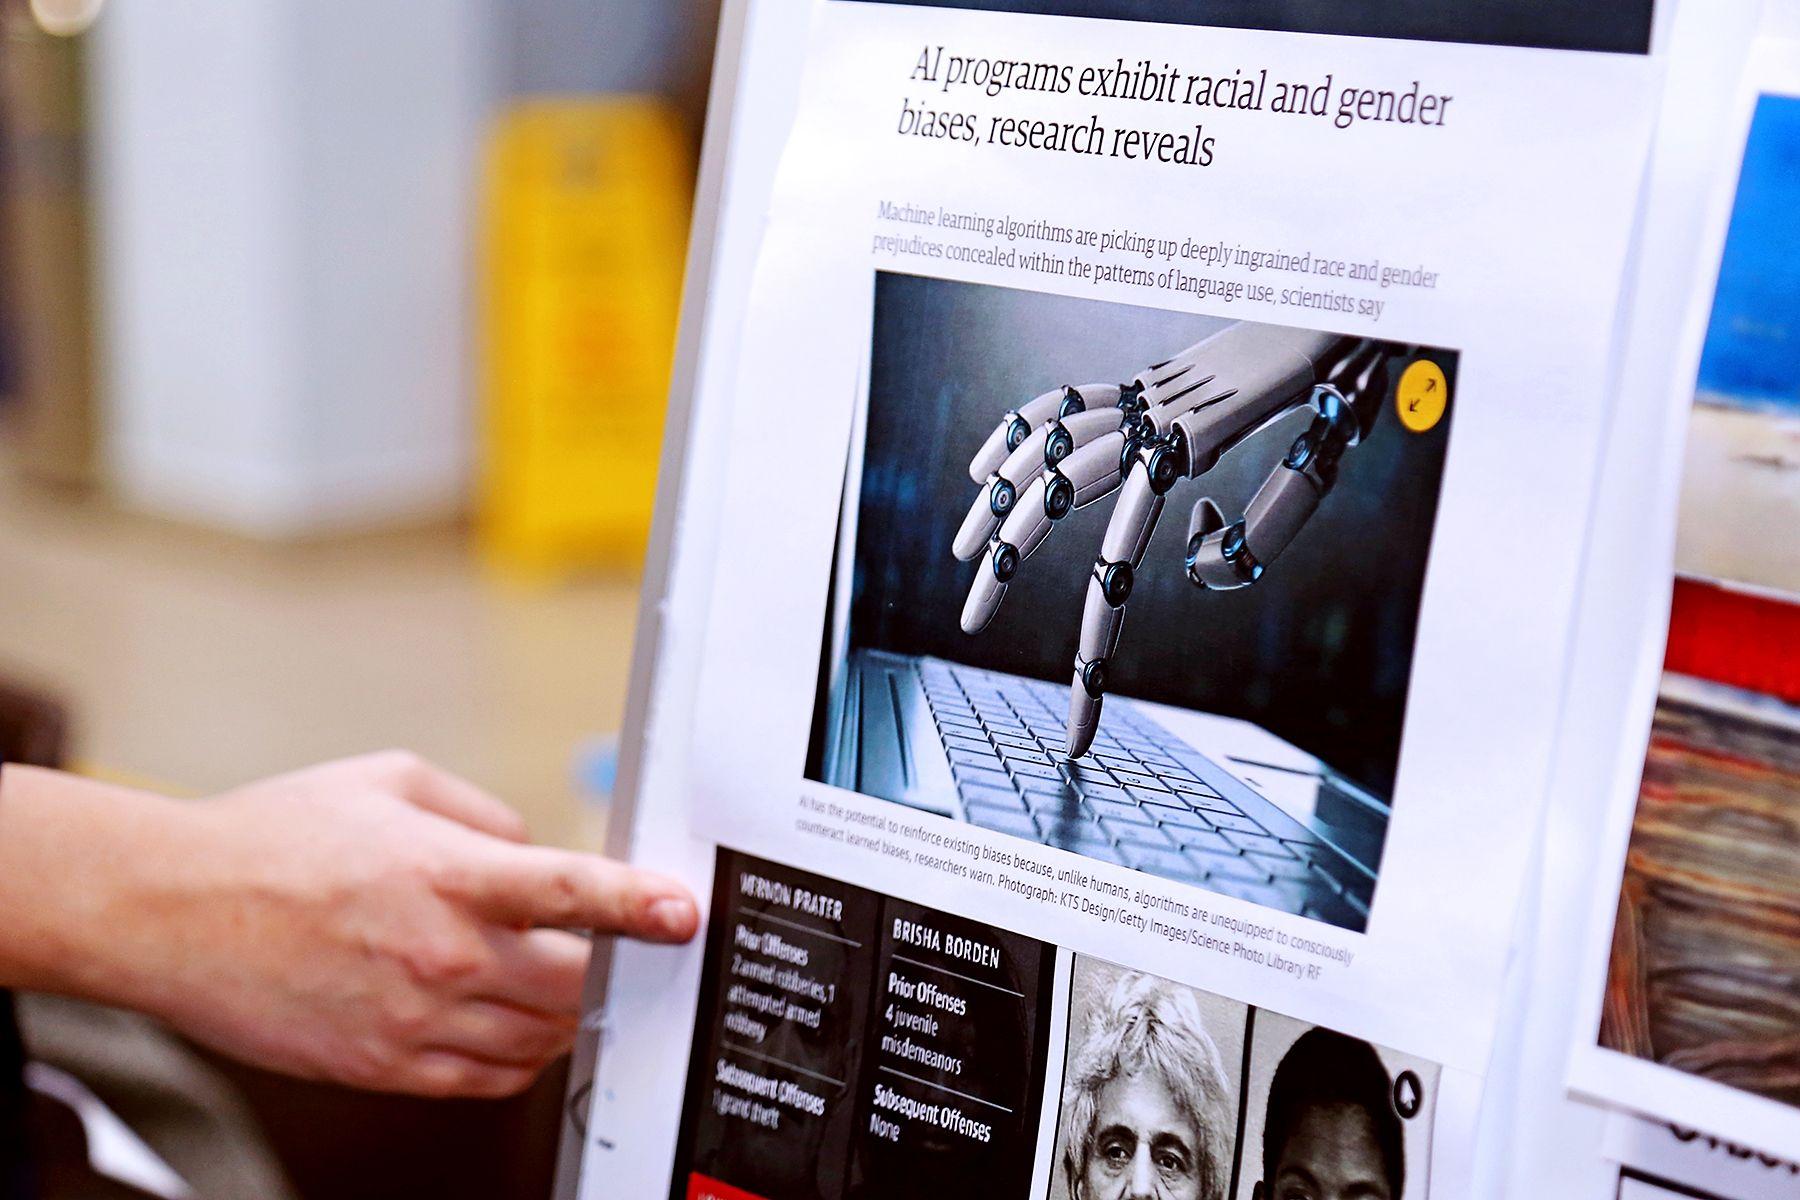 Фестиваль Российской науки во ВГУЭС: ярмарка идей молодых ученых и интеллектуальная игра «Что? Где? Когда?»